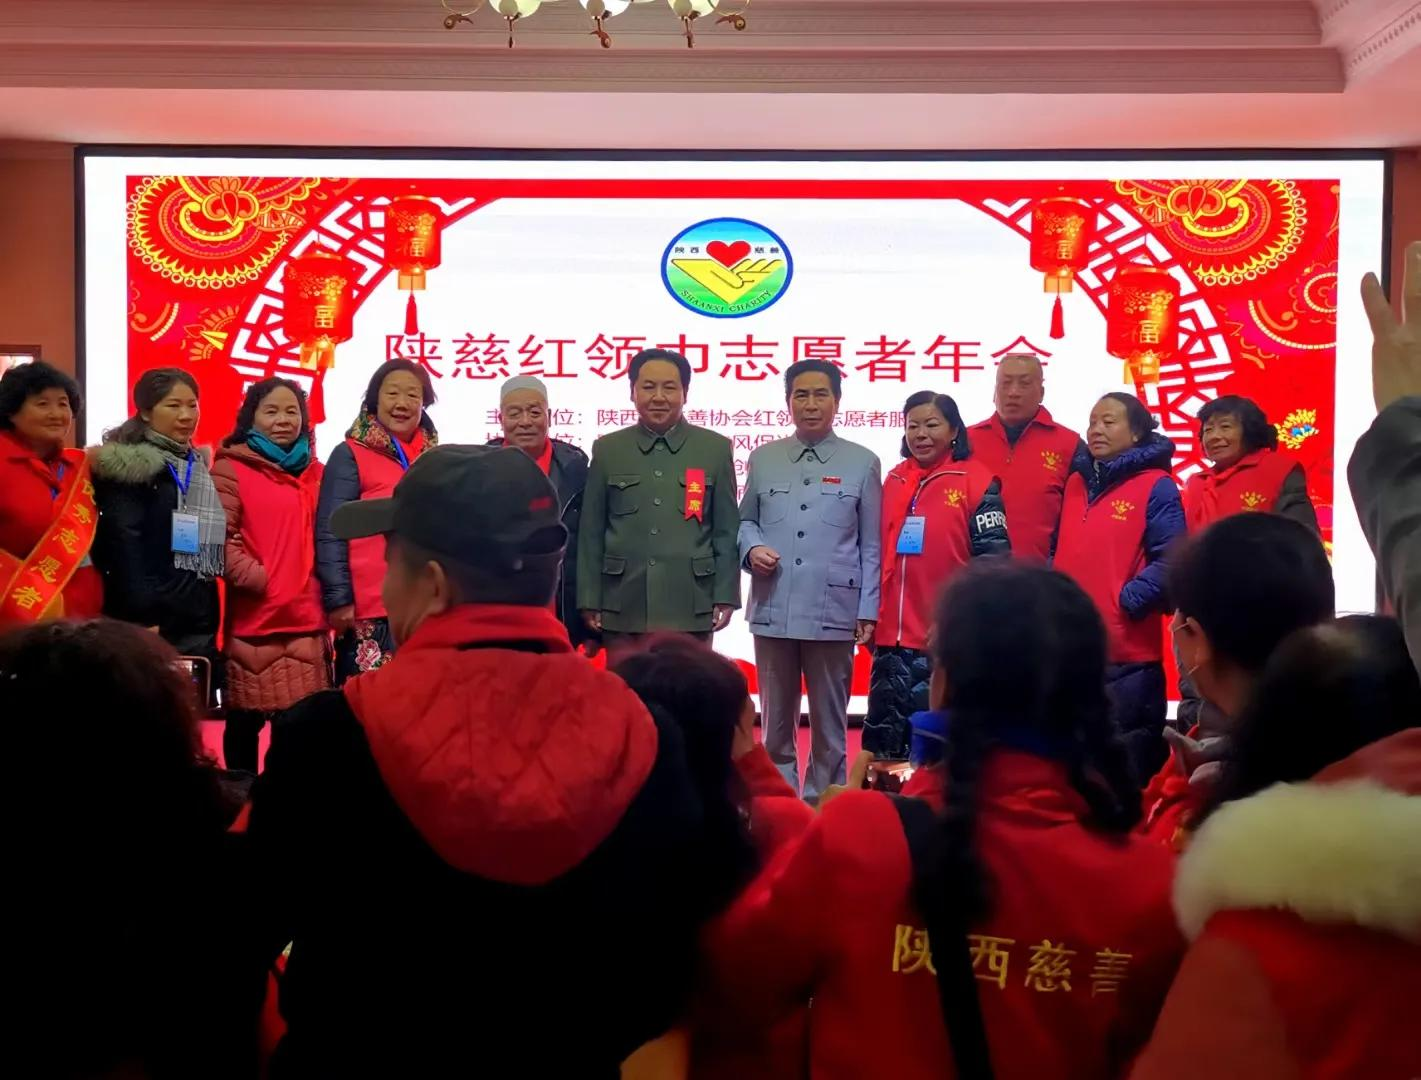 宋建华出席纪念毛主席诞辰127周年盛典活动